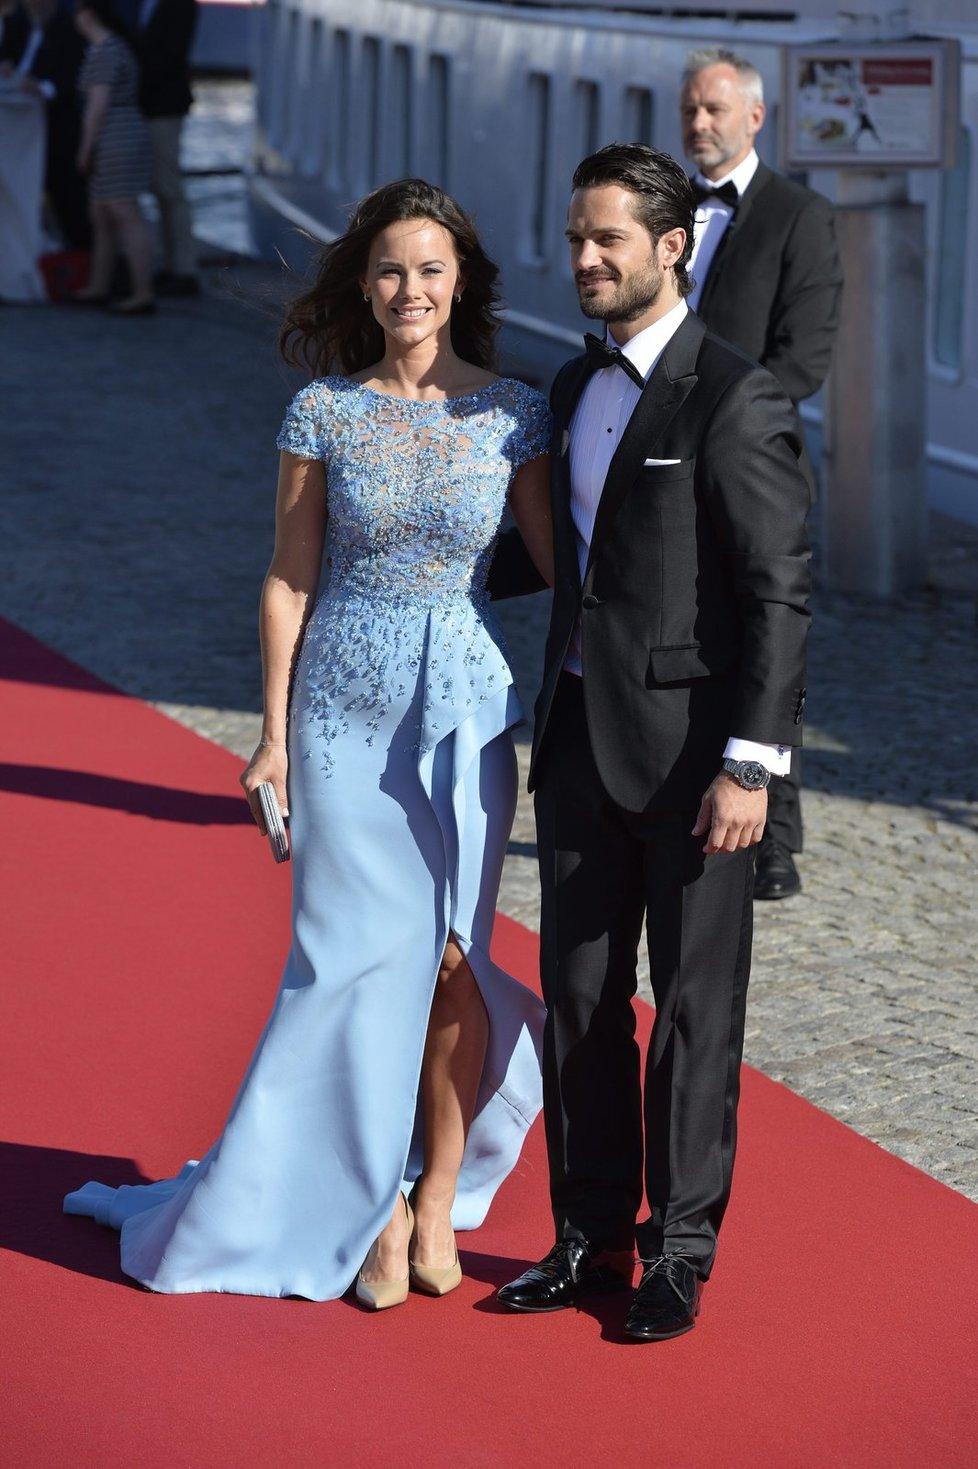 Švédský princ Carl Philip a Sofia Hellqvist